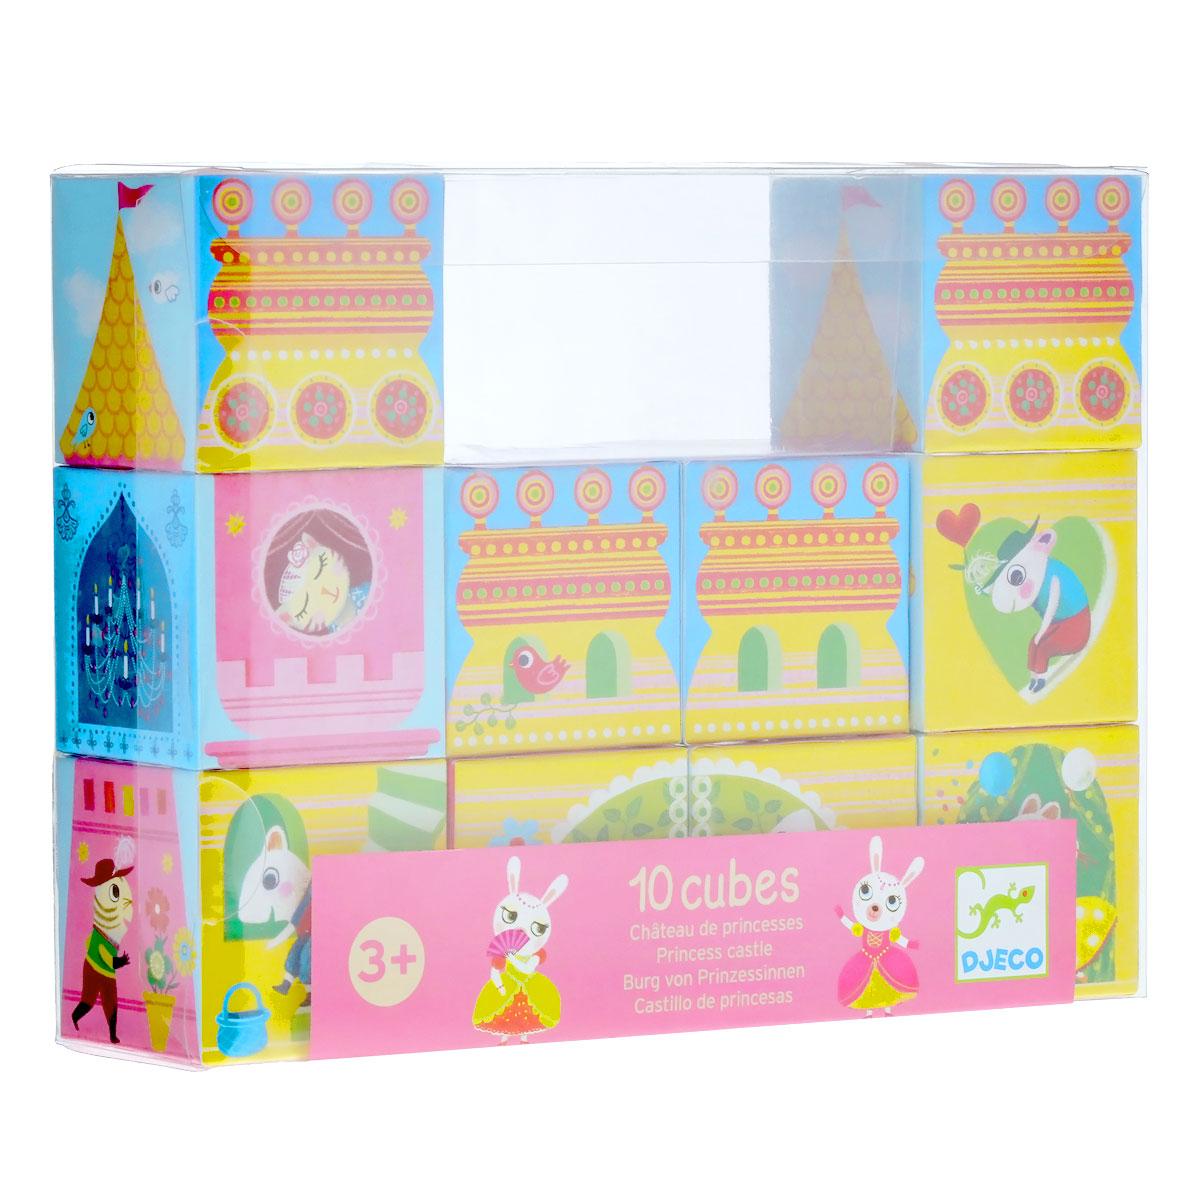 Djeco Набор кубиков Замок принцессы08205Набор кубиков Djeco Замок принцессы позволит вашей малышке создавать различные варианты сказочного замка, который населяют милые зверюшки. Кубики выполнены из прочного картона. Блоки разработаны таким образом, чтобы здания в итоге были ассиметричными и развивали у ребенка понятие сложных форм и размеров. В наборе 10 кубиков.